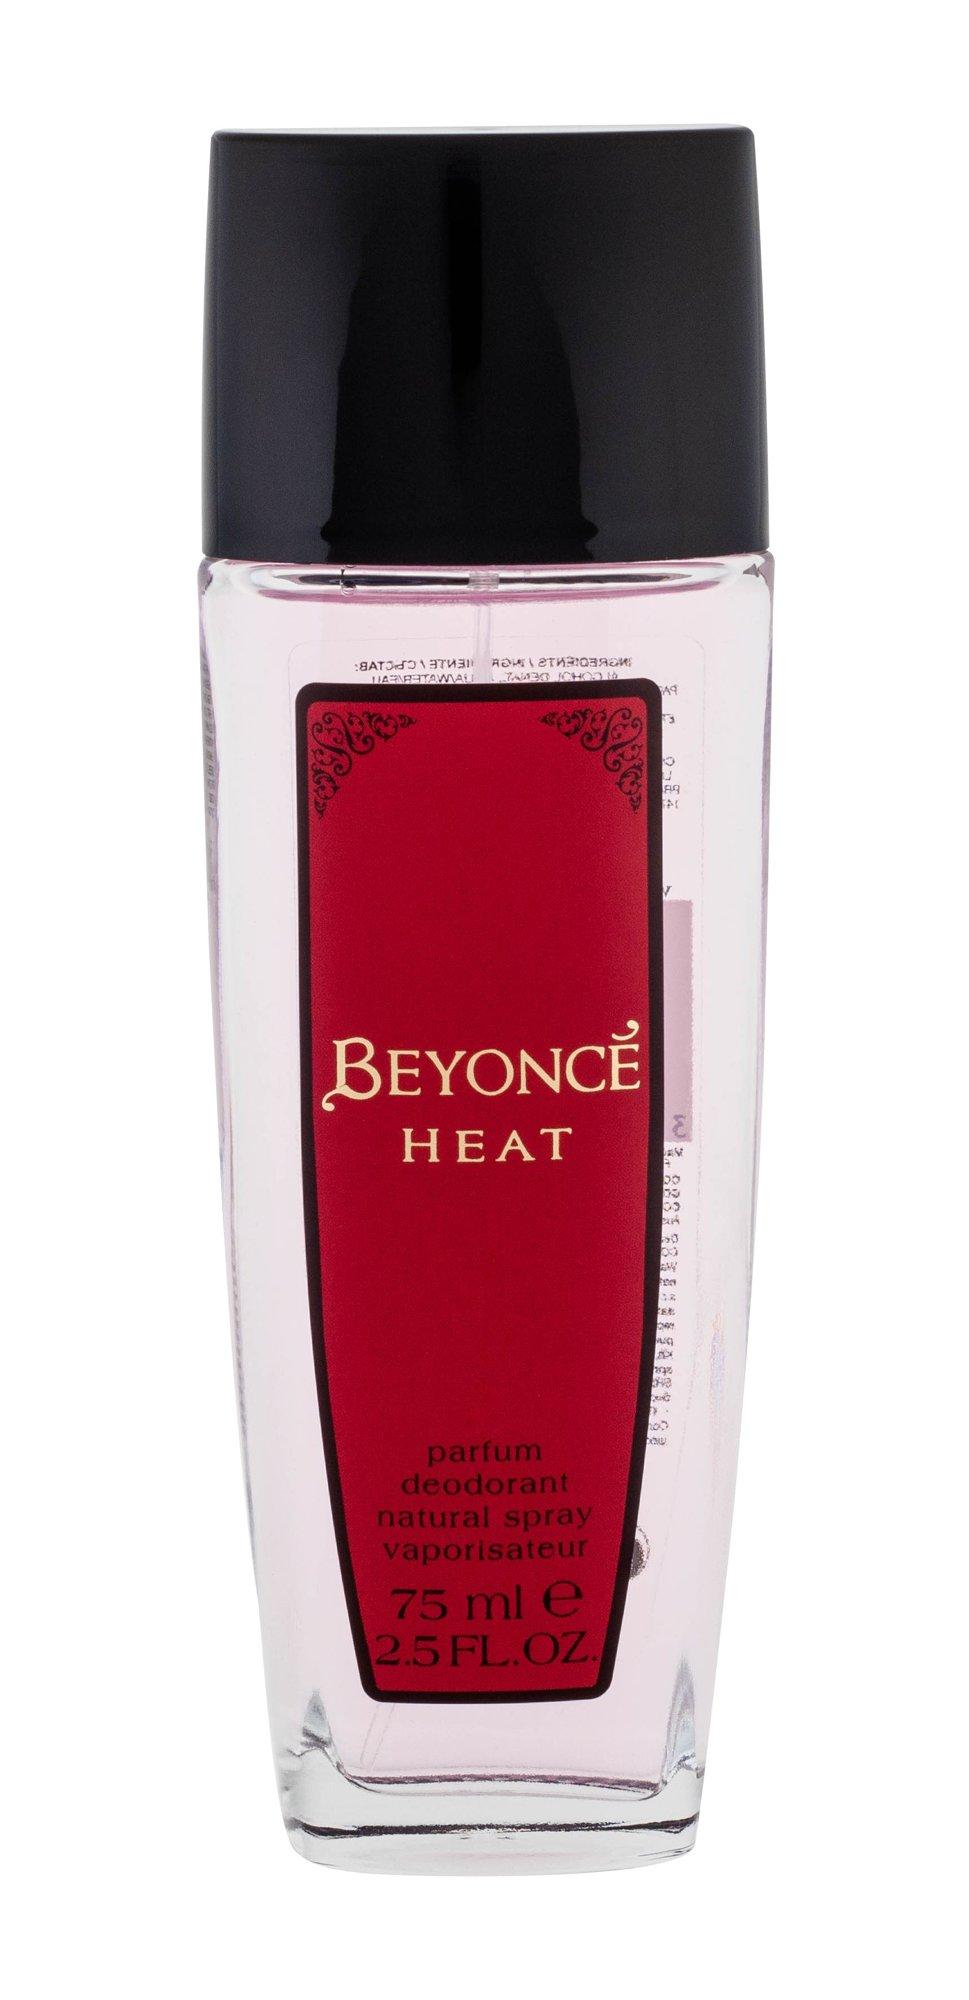 Beyonce Heat, Deodorant v skle 75ml